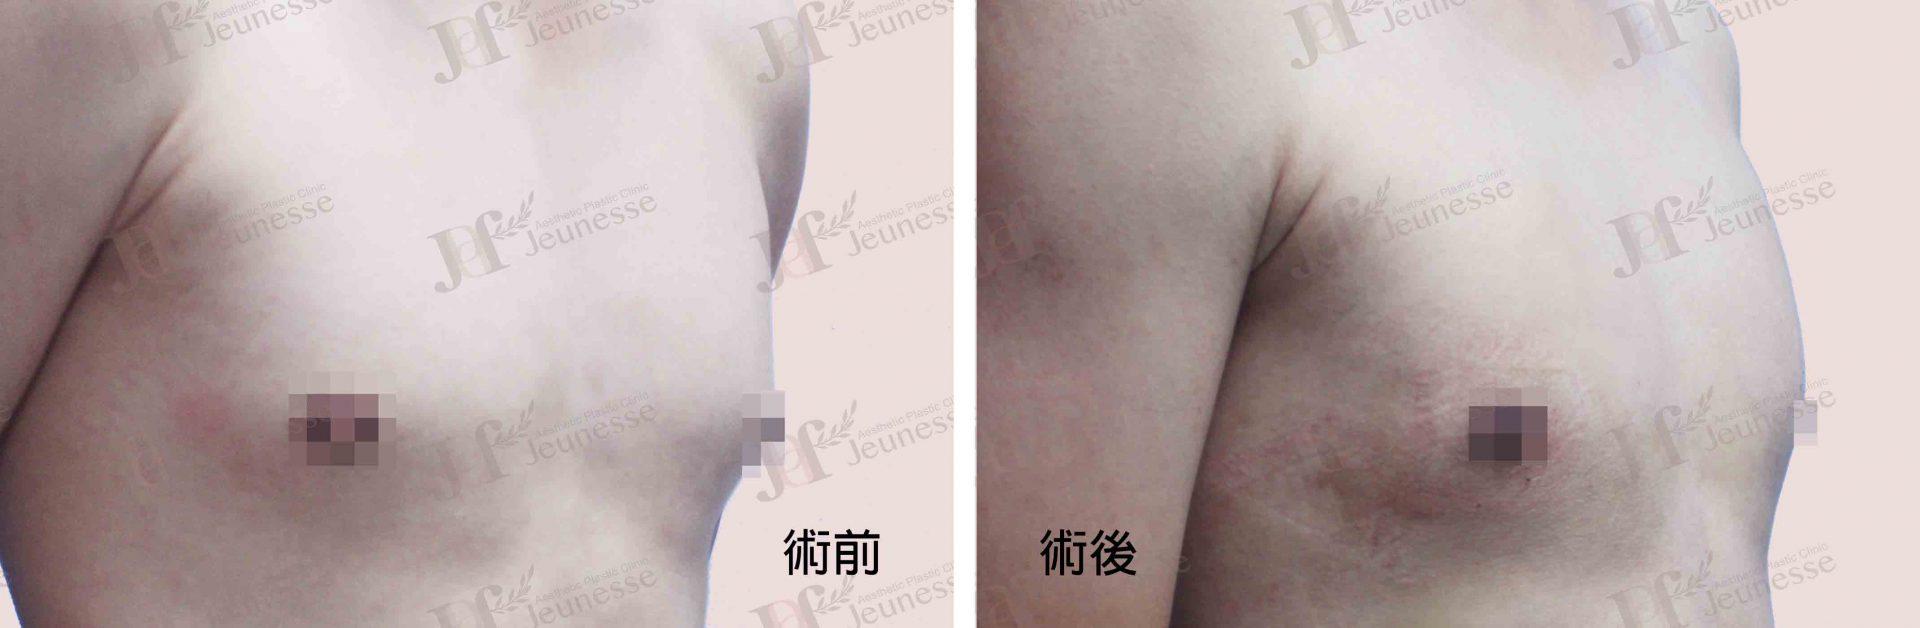 女乳症case2 45度-浮水印